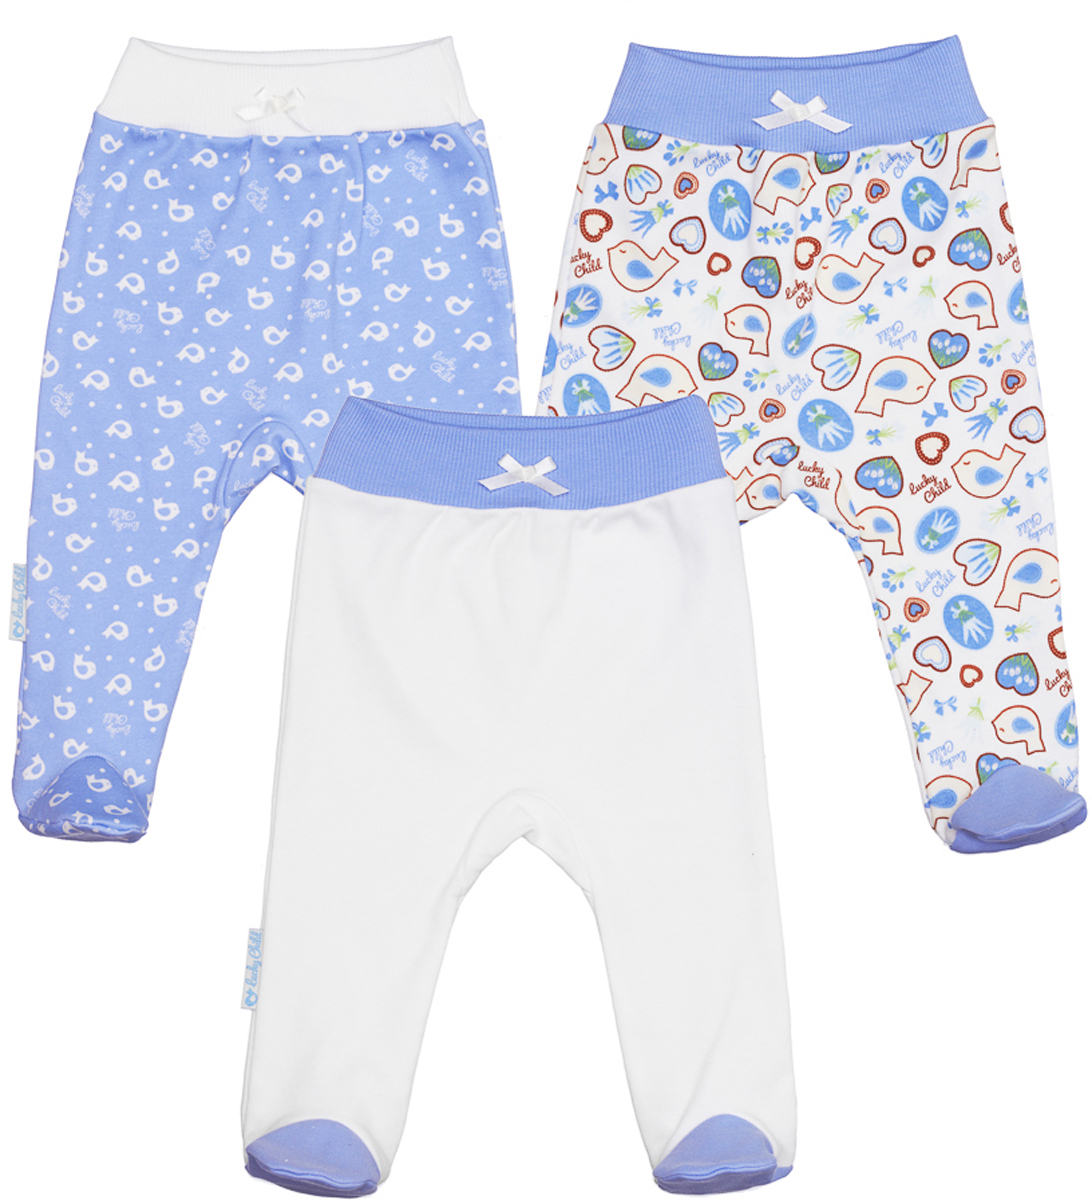 Ползунки Lucky Child, цвет: голубой, белый, 3 шт. 30-184. Размер 80/86 комплекты нательные для малышей lucky child комплект классик